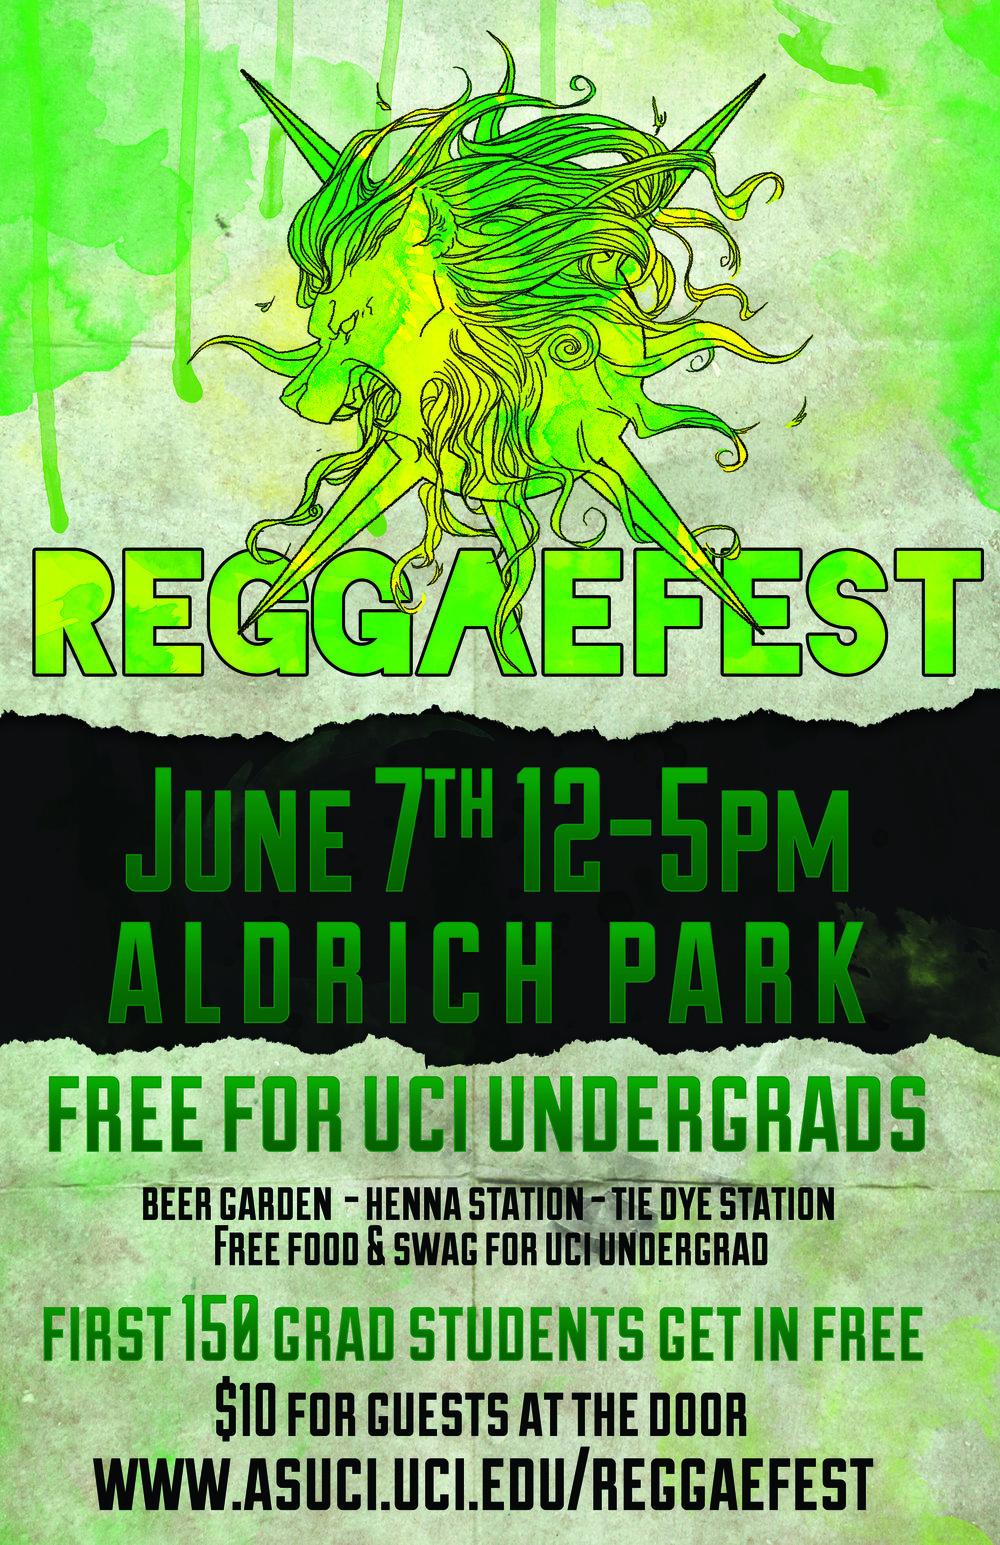 ReggaeFest2013GREEN-11x17_NOHEADLINER-2.jpg